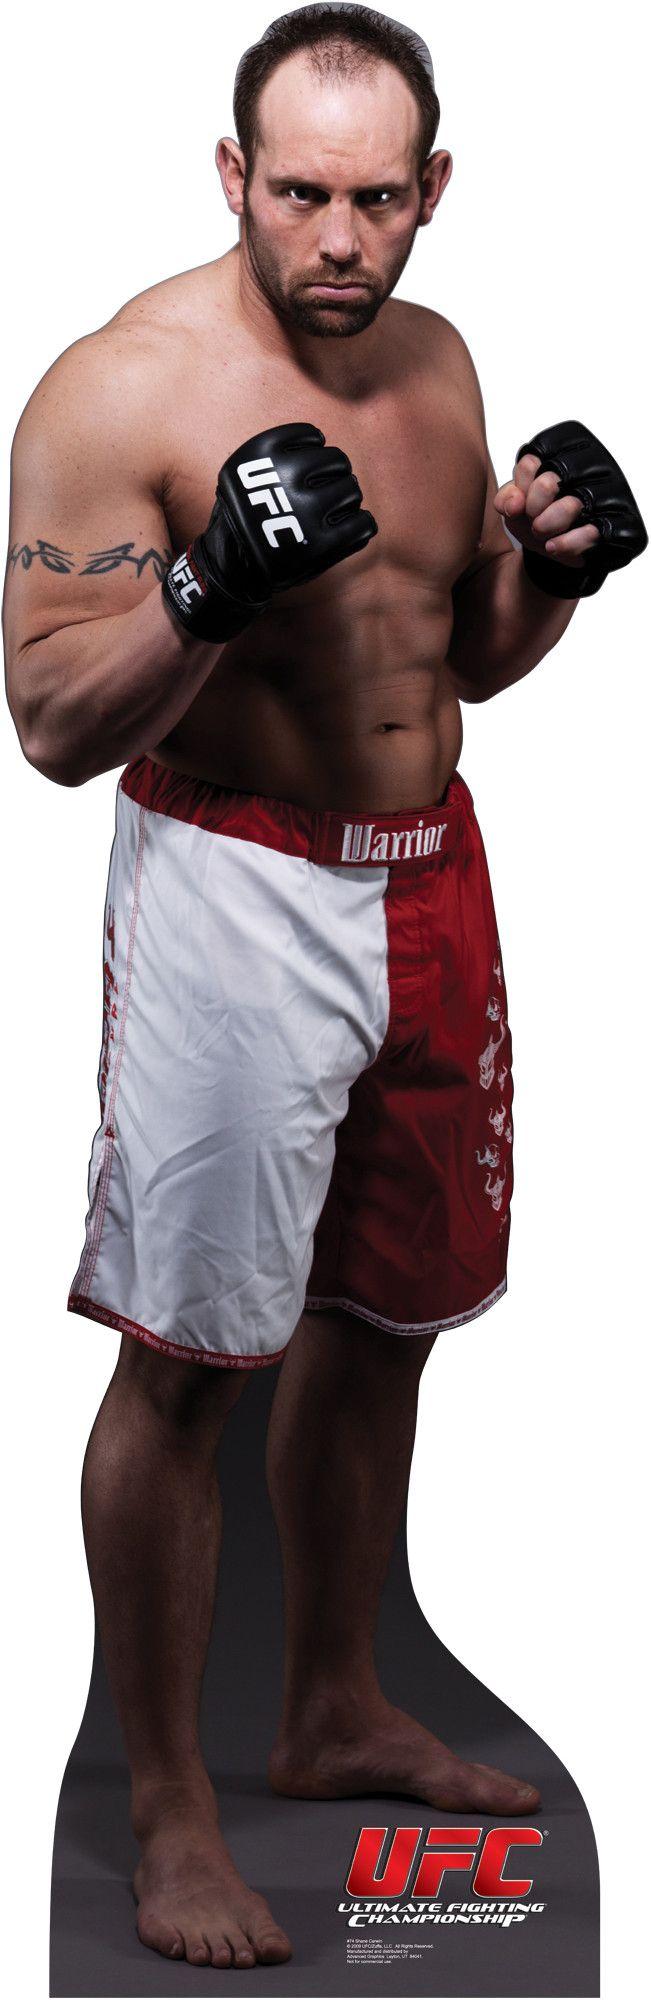 UFC Shane Carwin Cardboard Stand-Up